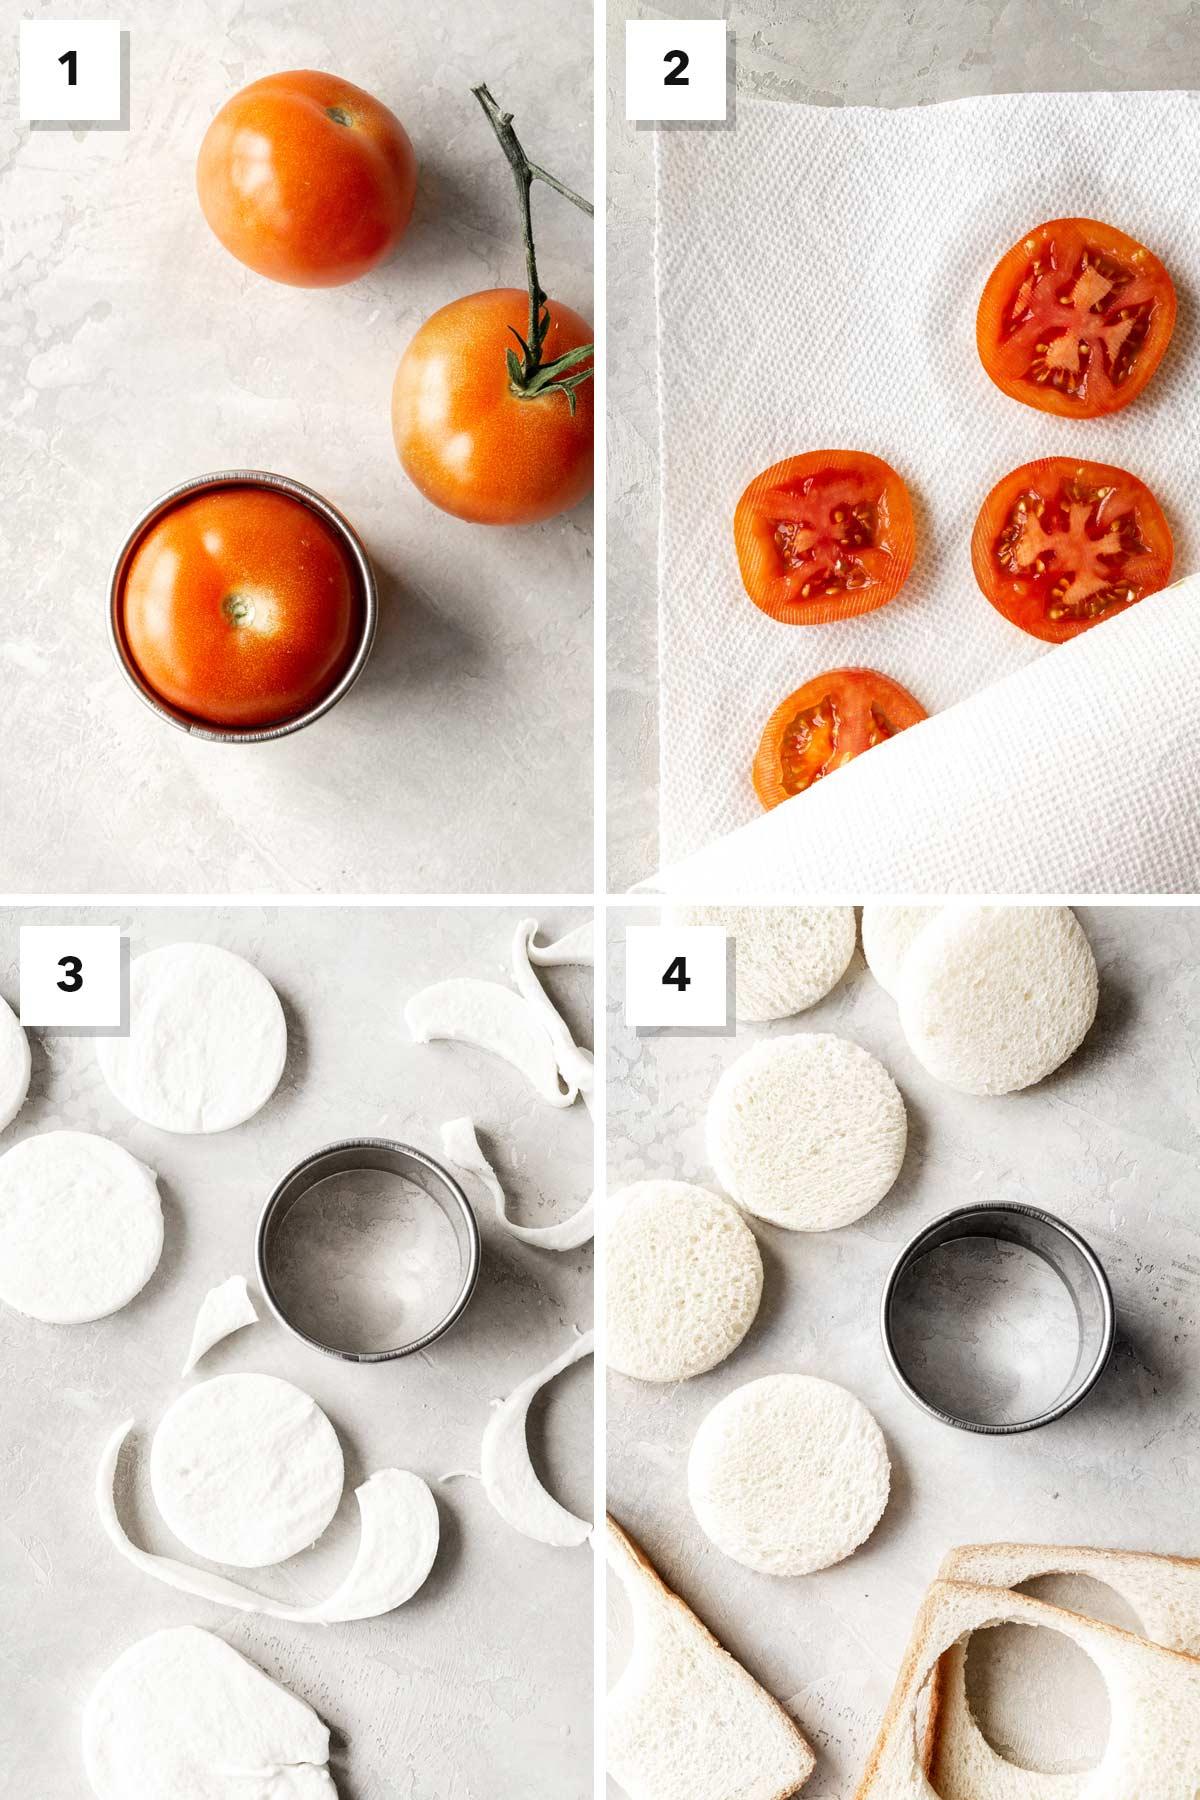 Four photo showing steps to make mozzarella, tomato, & basil tea sandwiches.